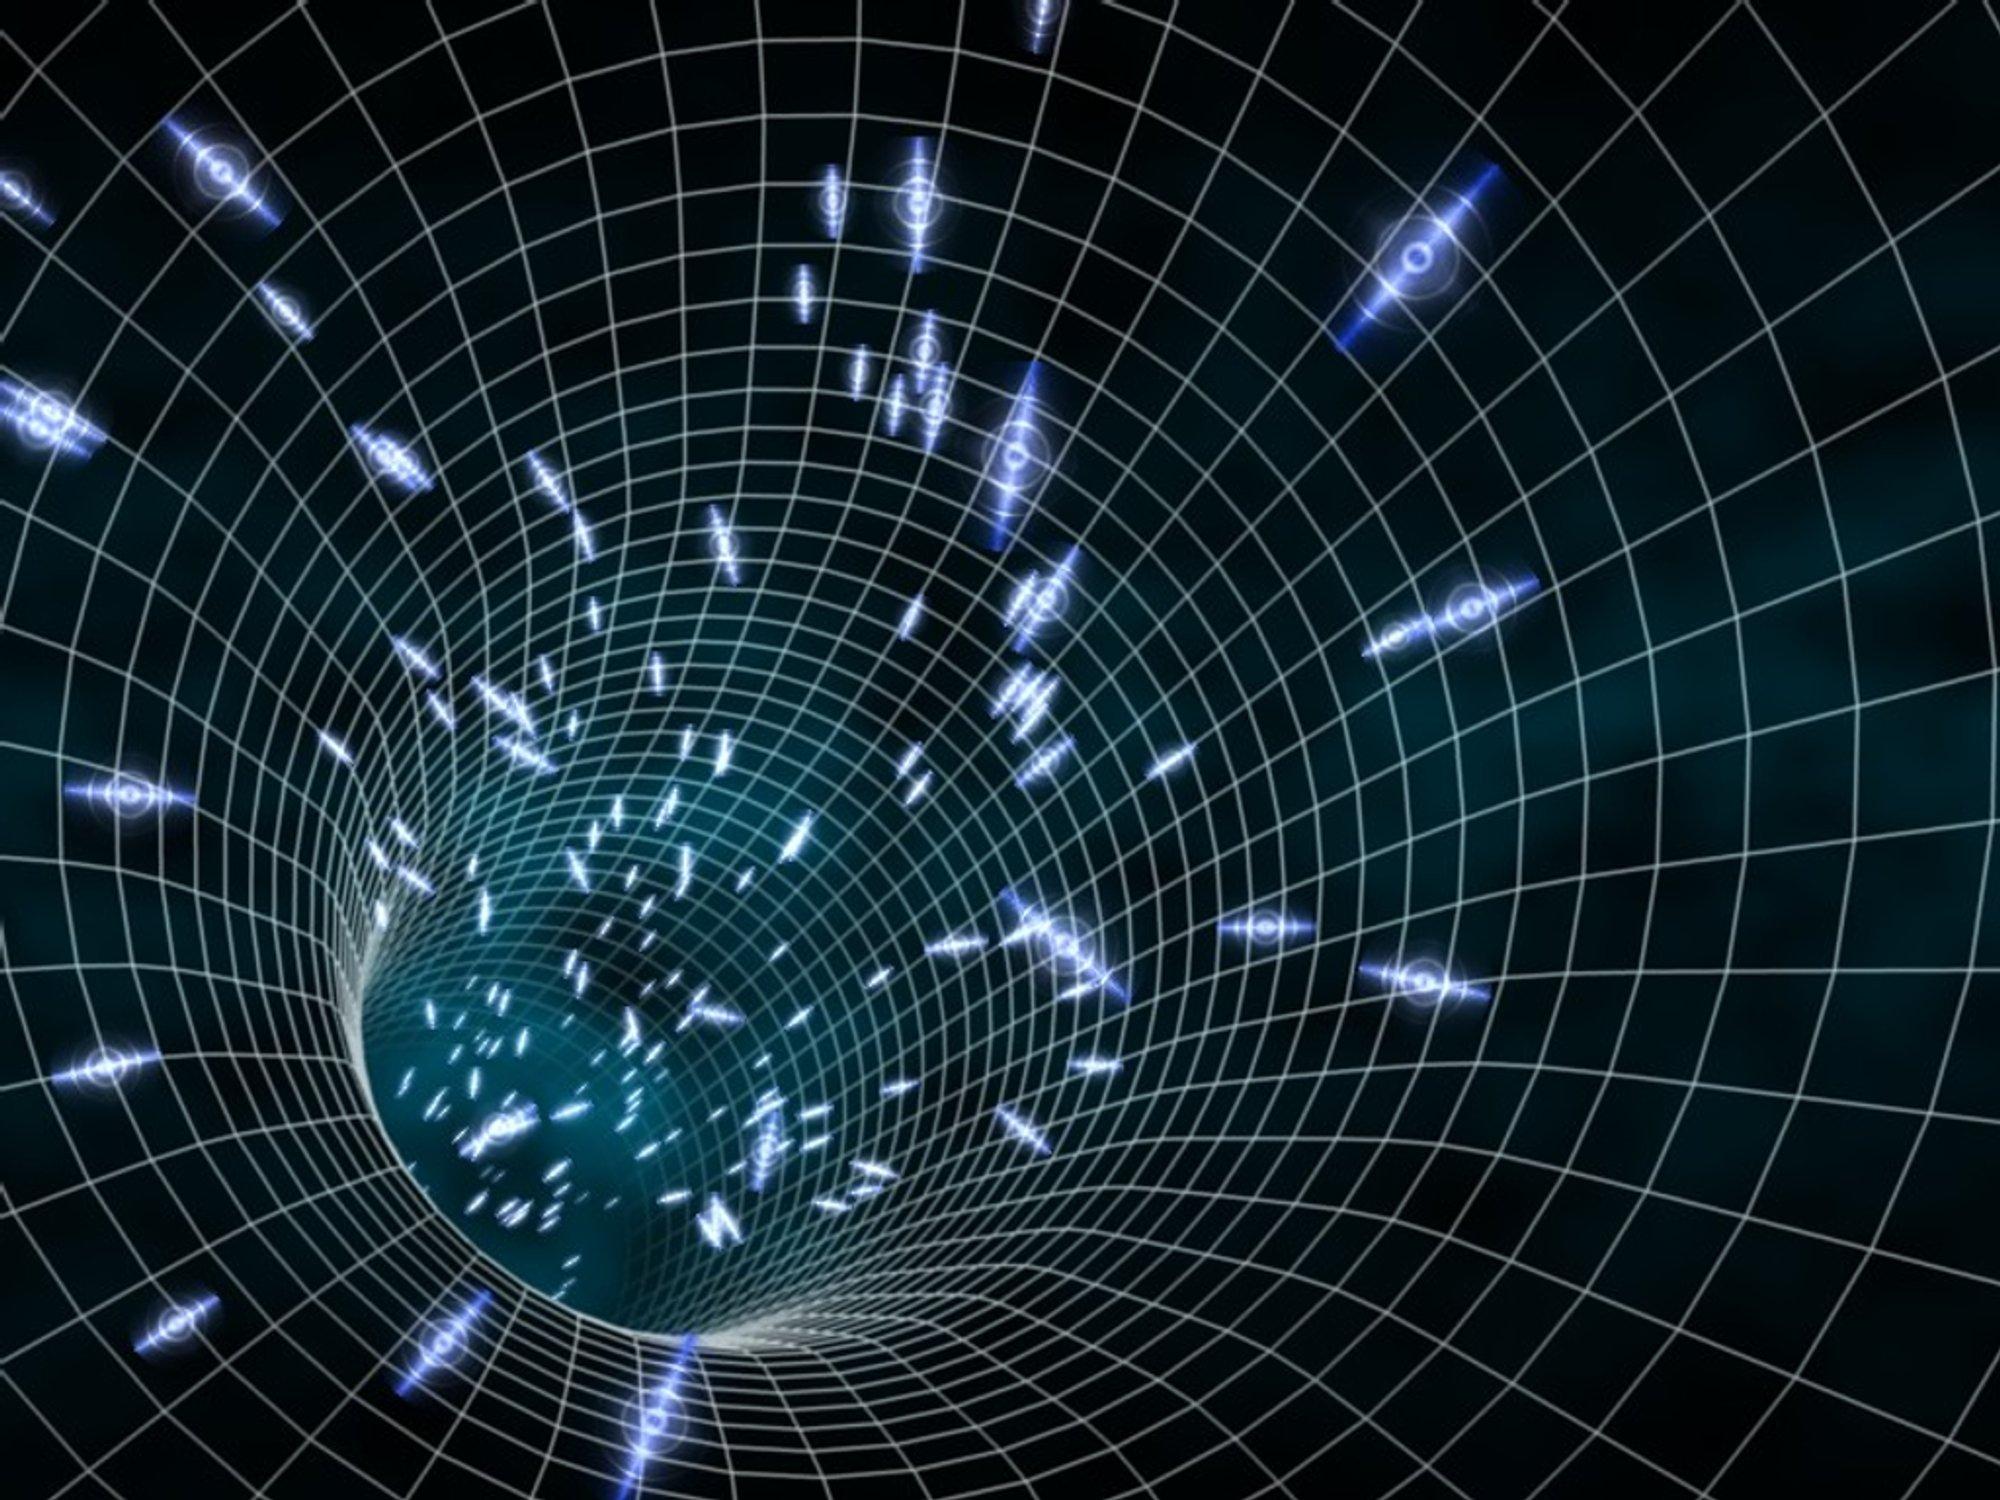 Физики изсоедененных штатов иЕвропы обнаружили путь в 4-ое измерение